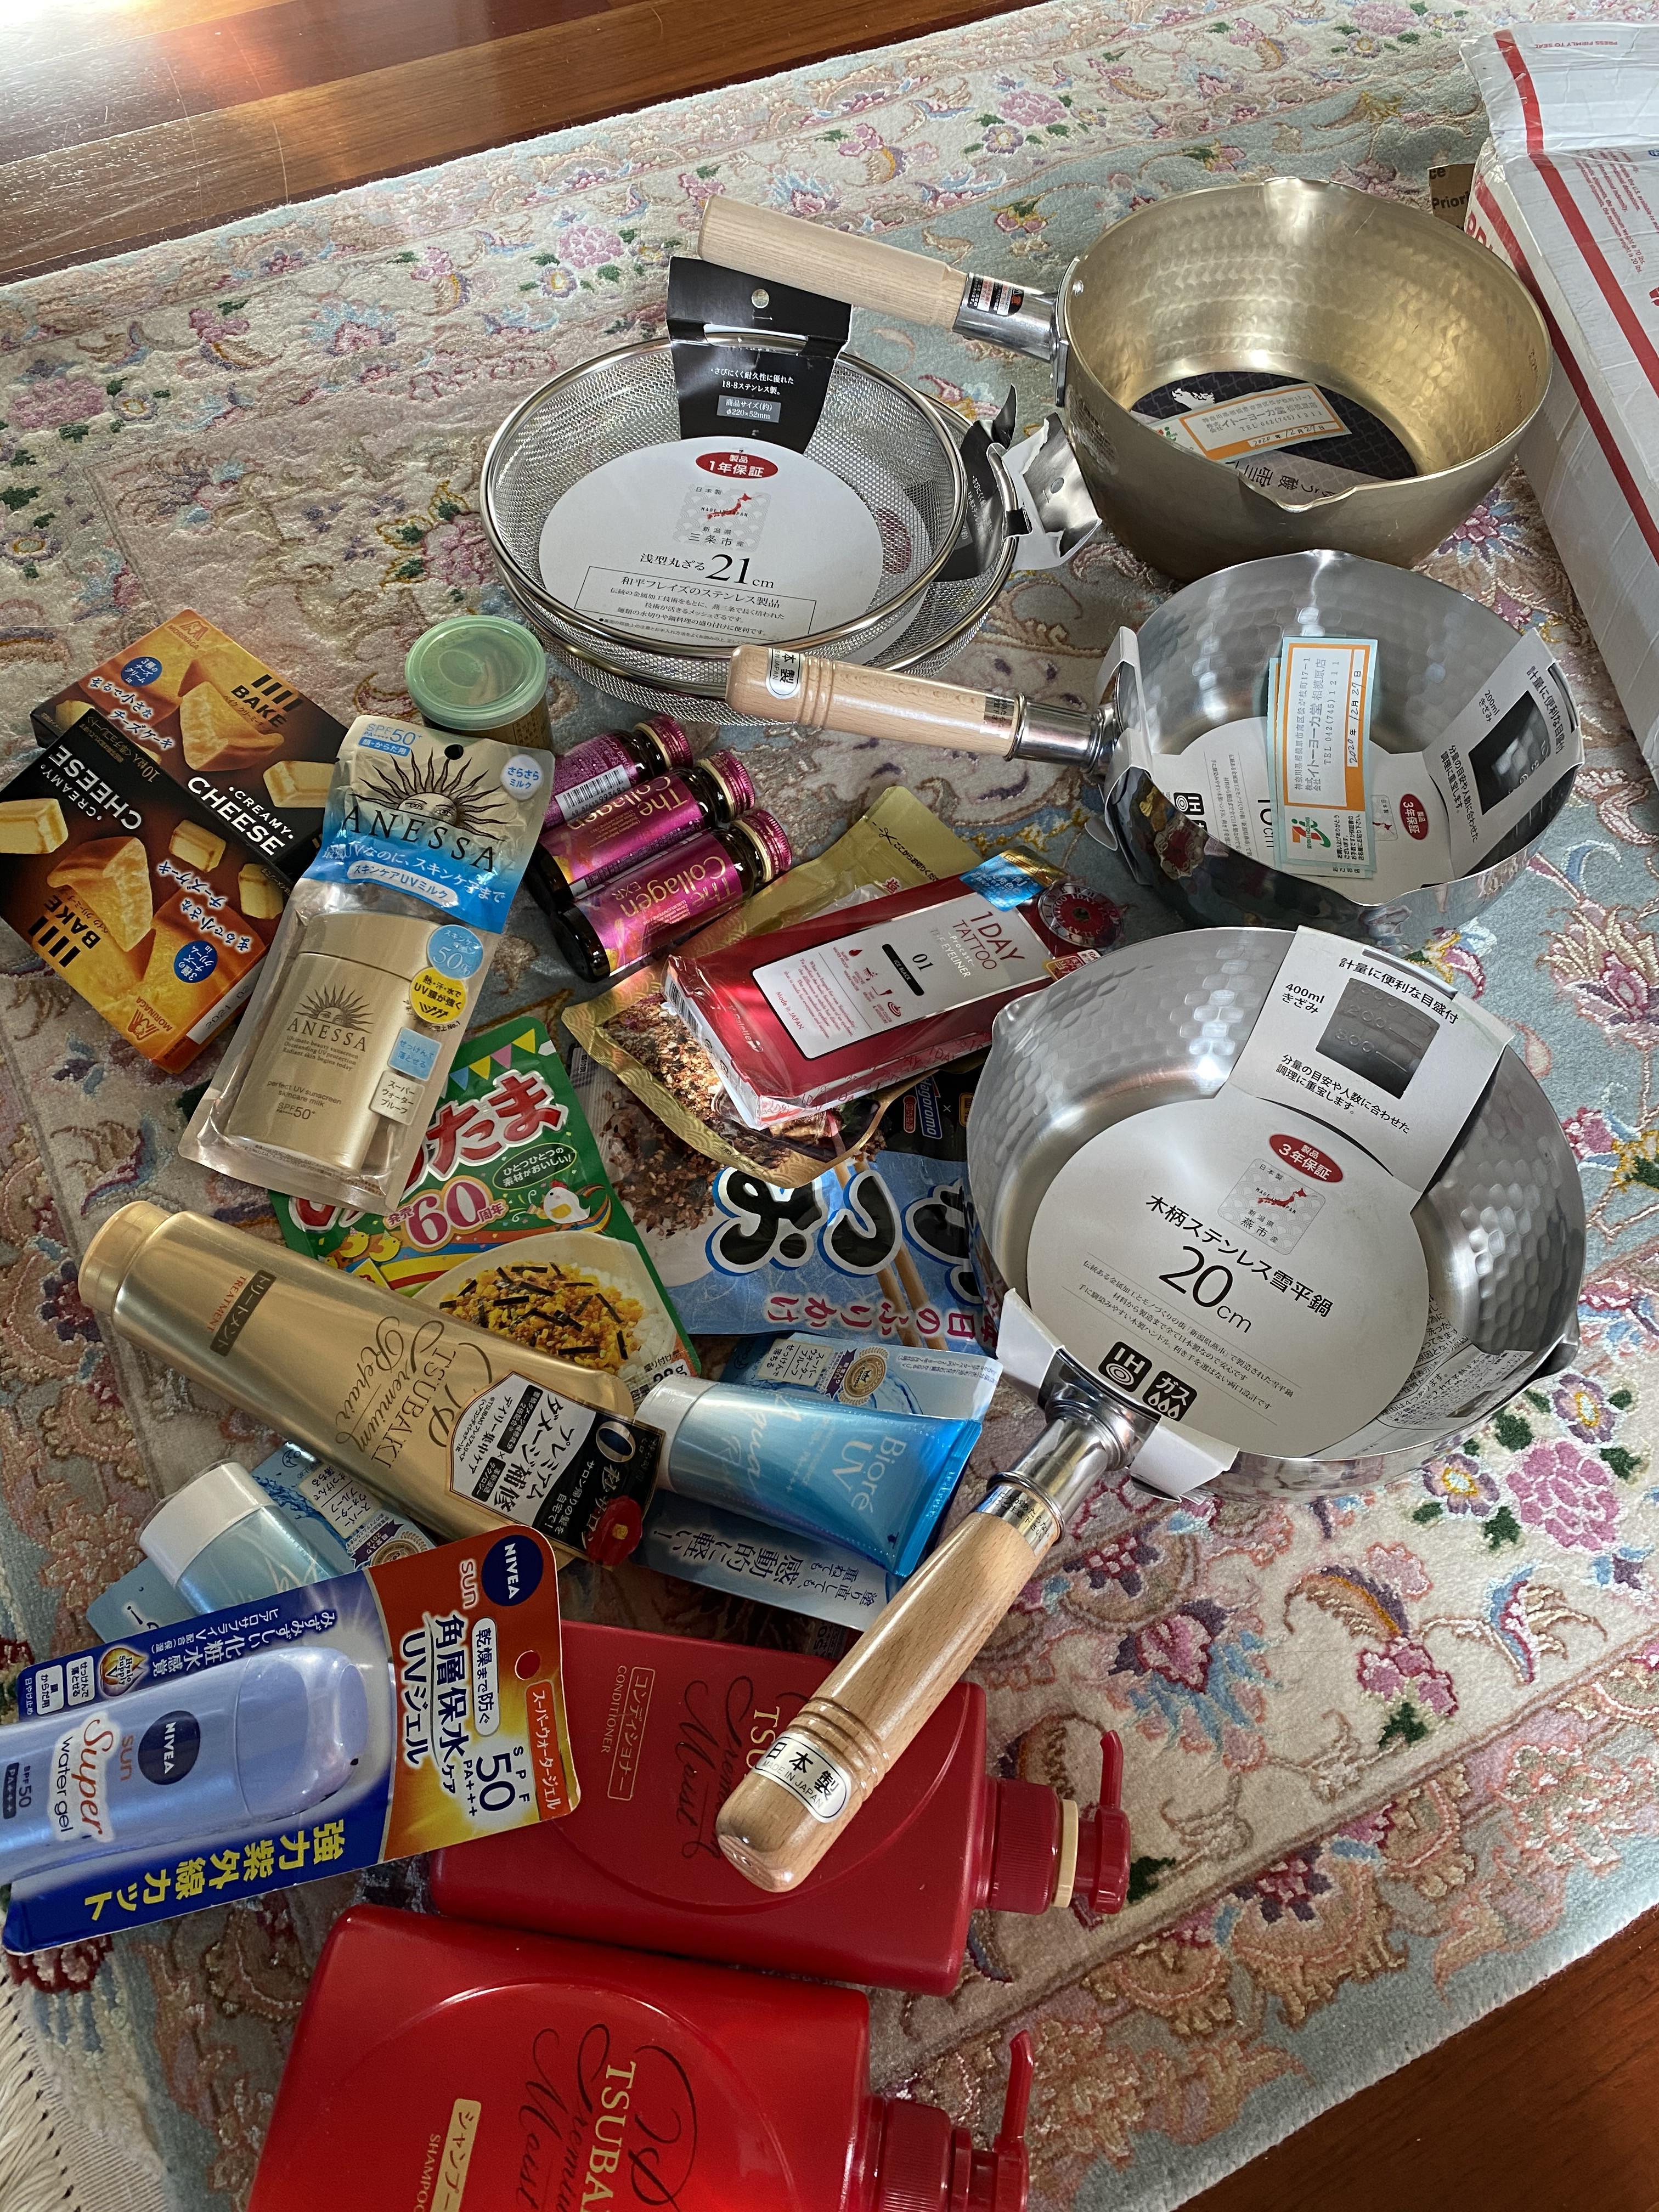 mấy bé ai muốn mua hàng Mỹ Phẩm hay đồ ăn từ Japan - Page 15 C3110a6240b0c33a8ad3de358c5939d4